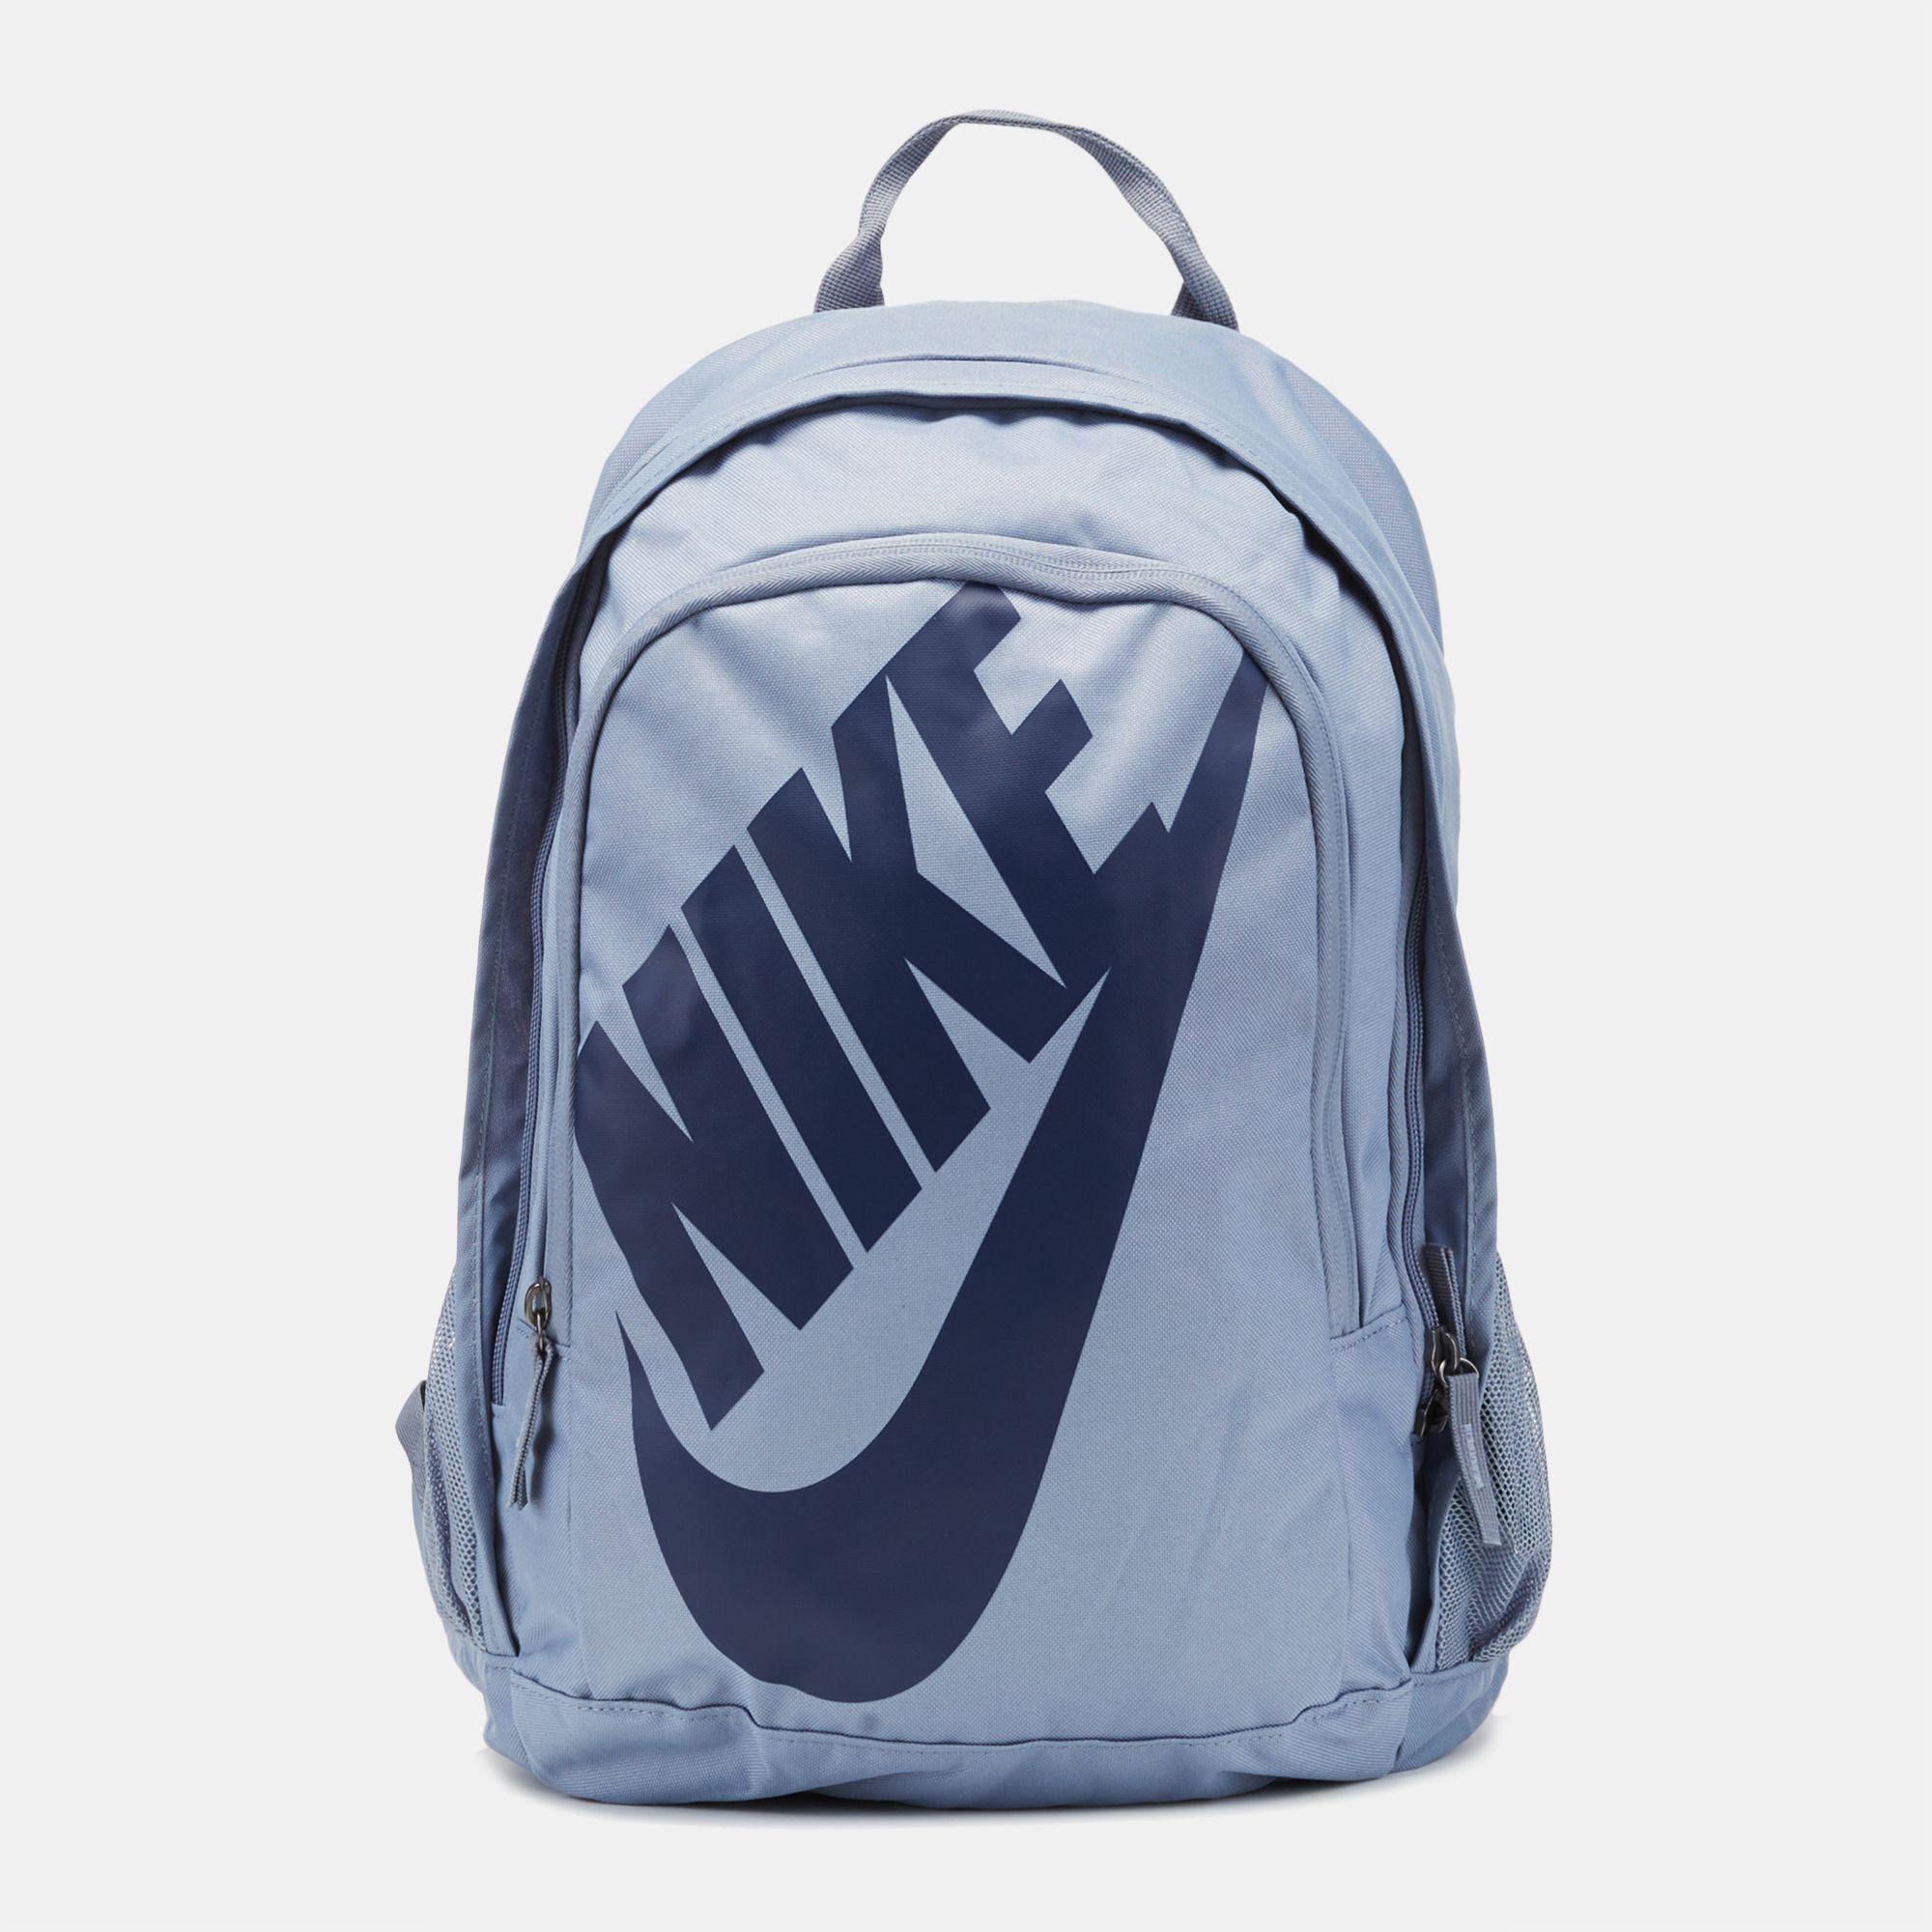 0e1773eb84 Nike Hayward Futura 2.0 Backpack